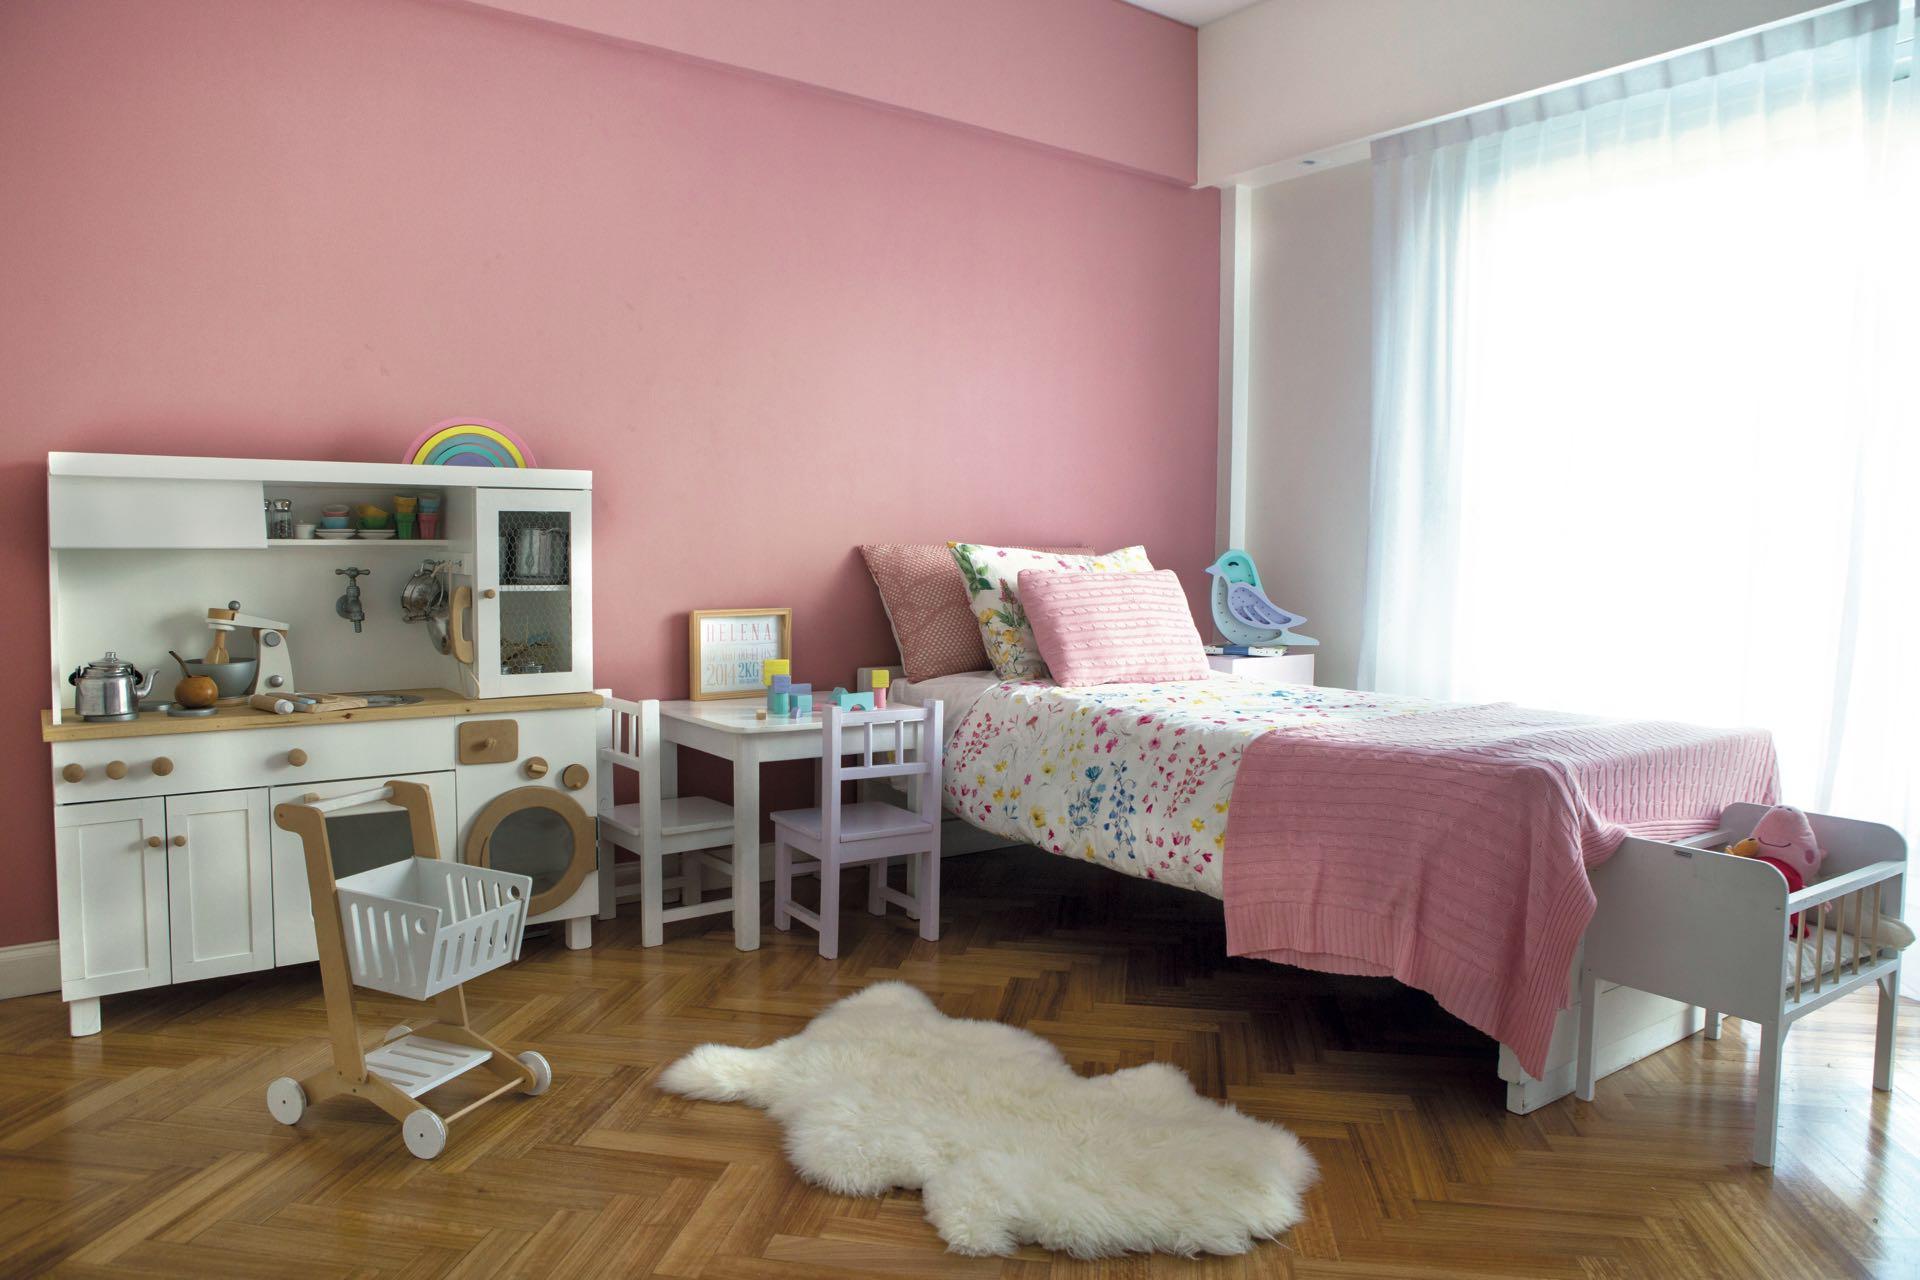 Cuarto de los chicos en tono rosa y mobiliario blanco